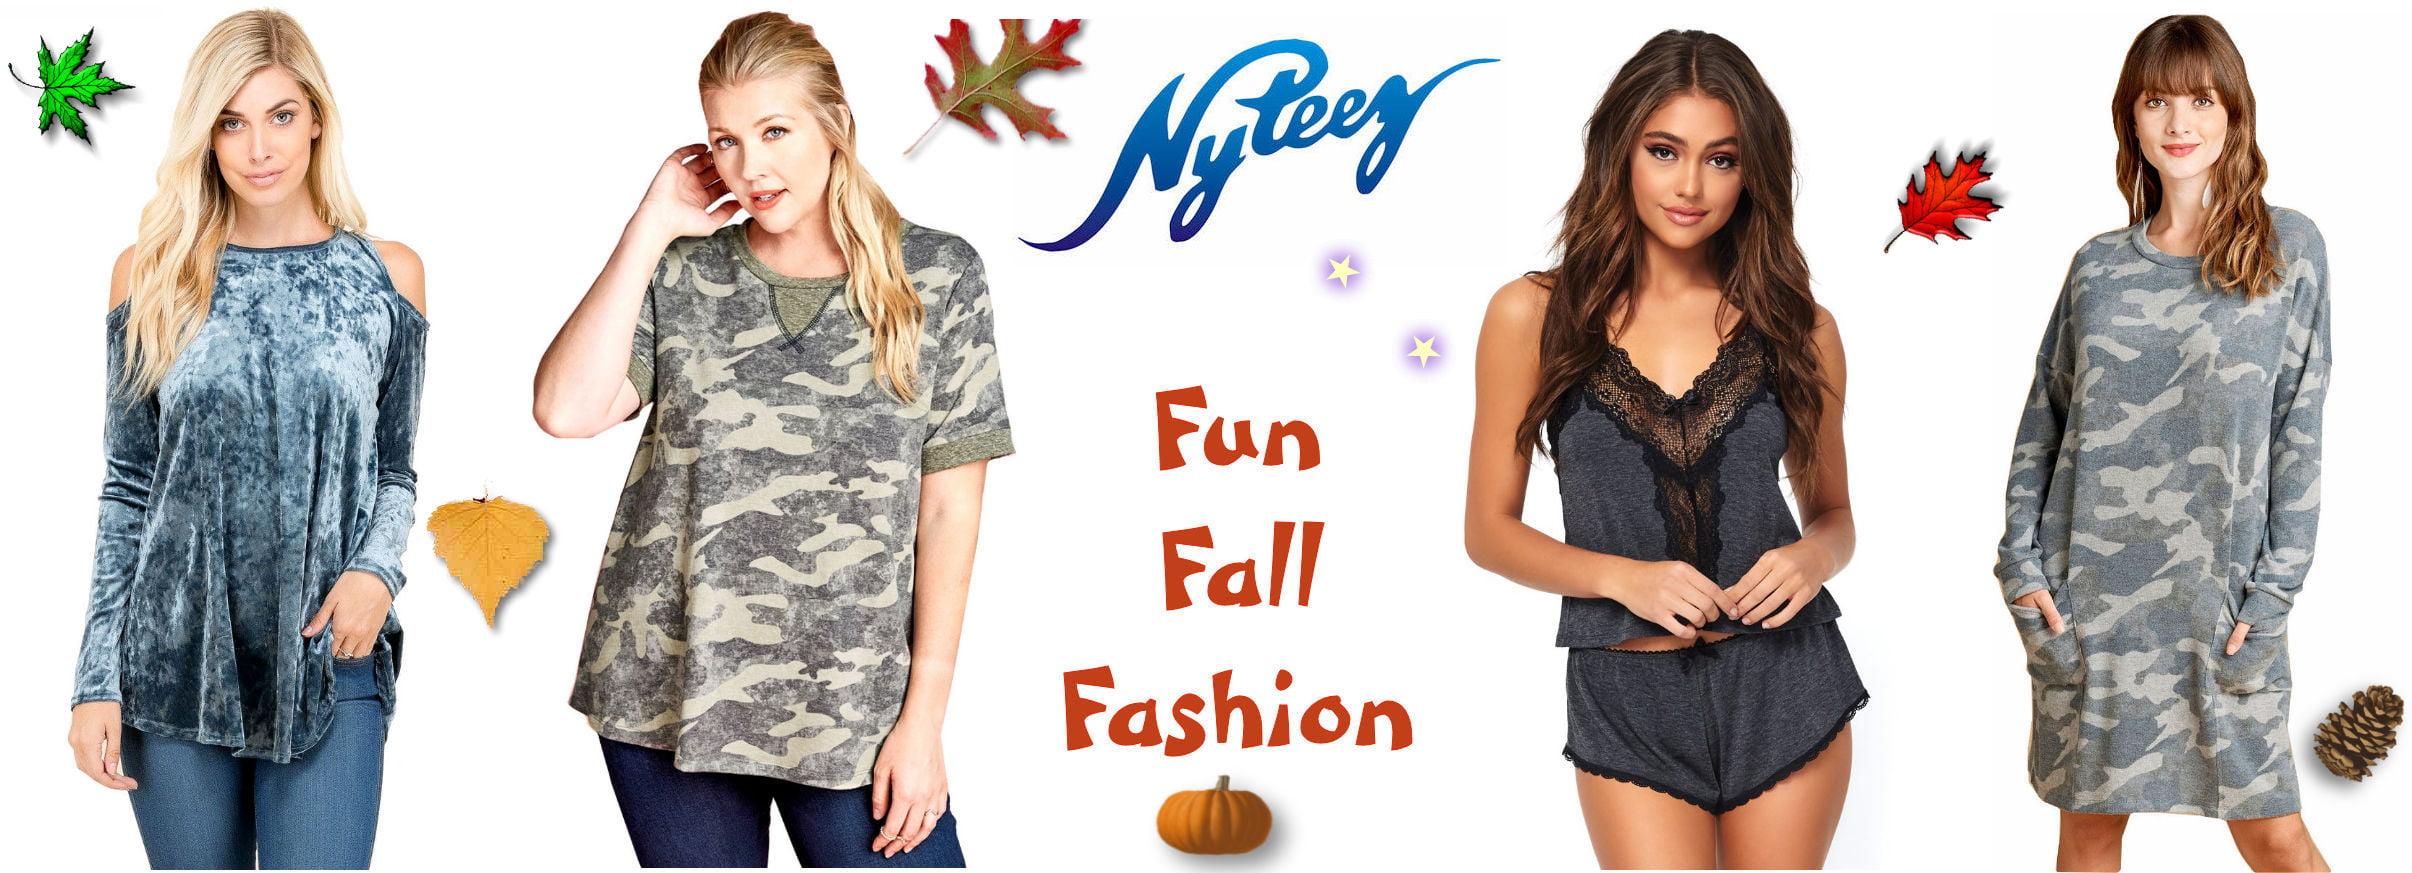 Nyteez Fall Banner